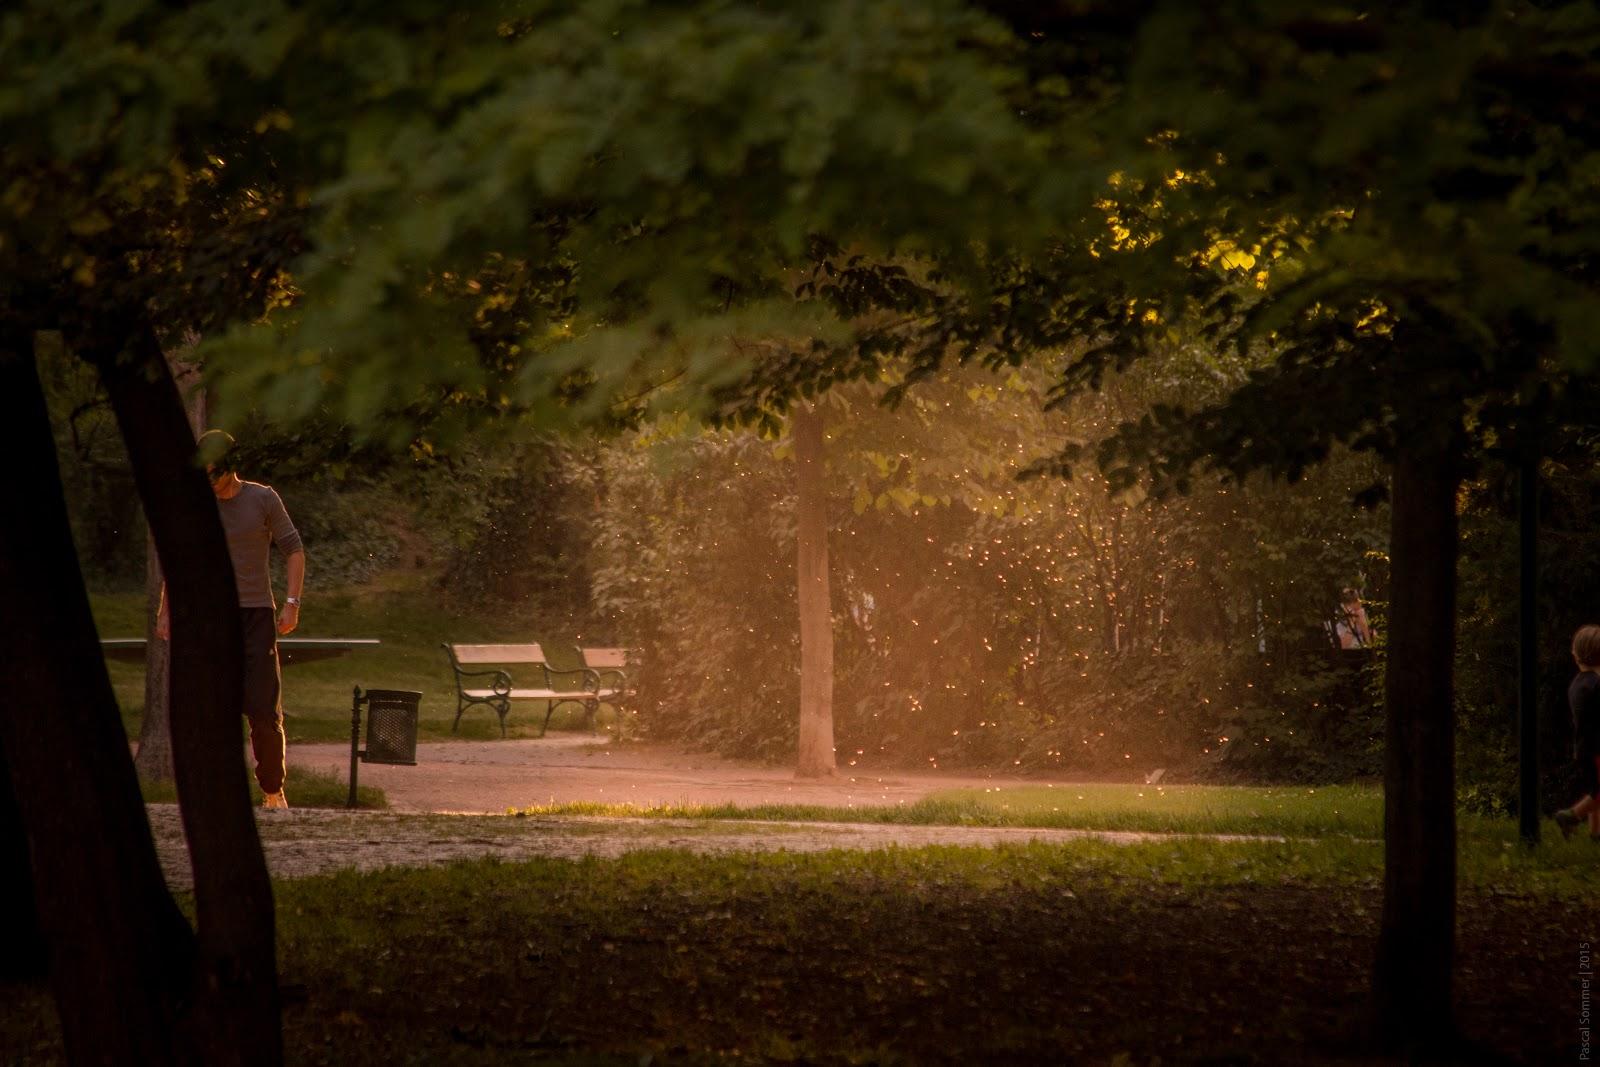 In a park in Brno, Czechia